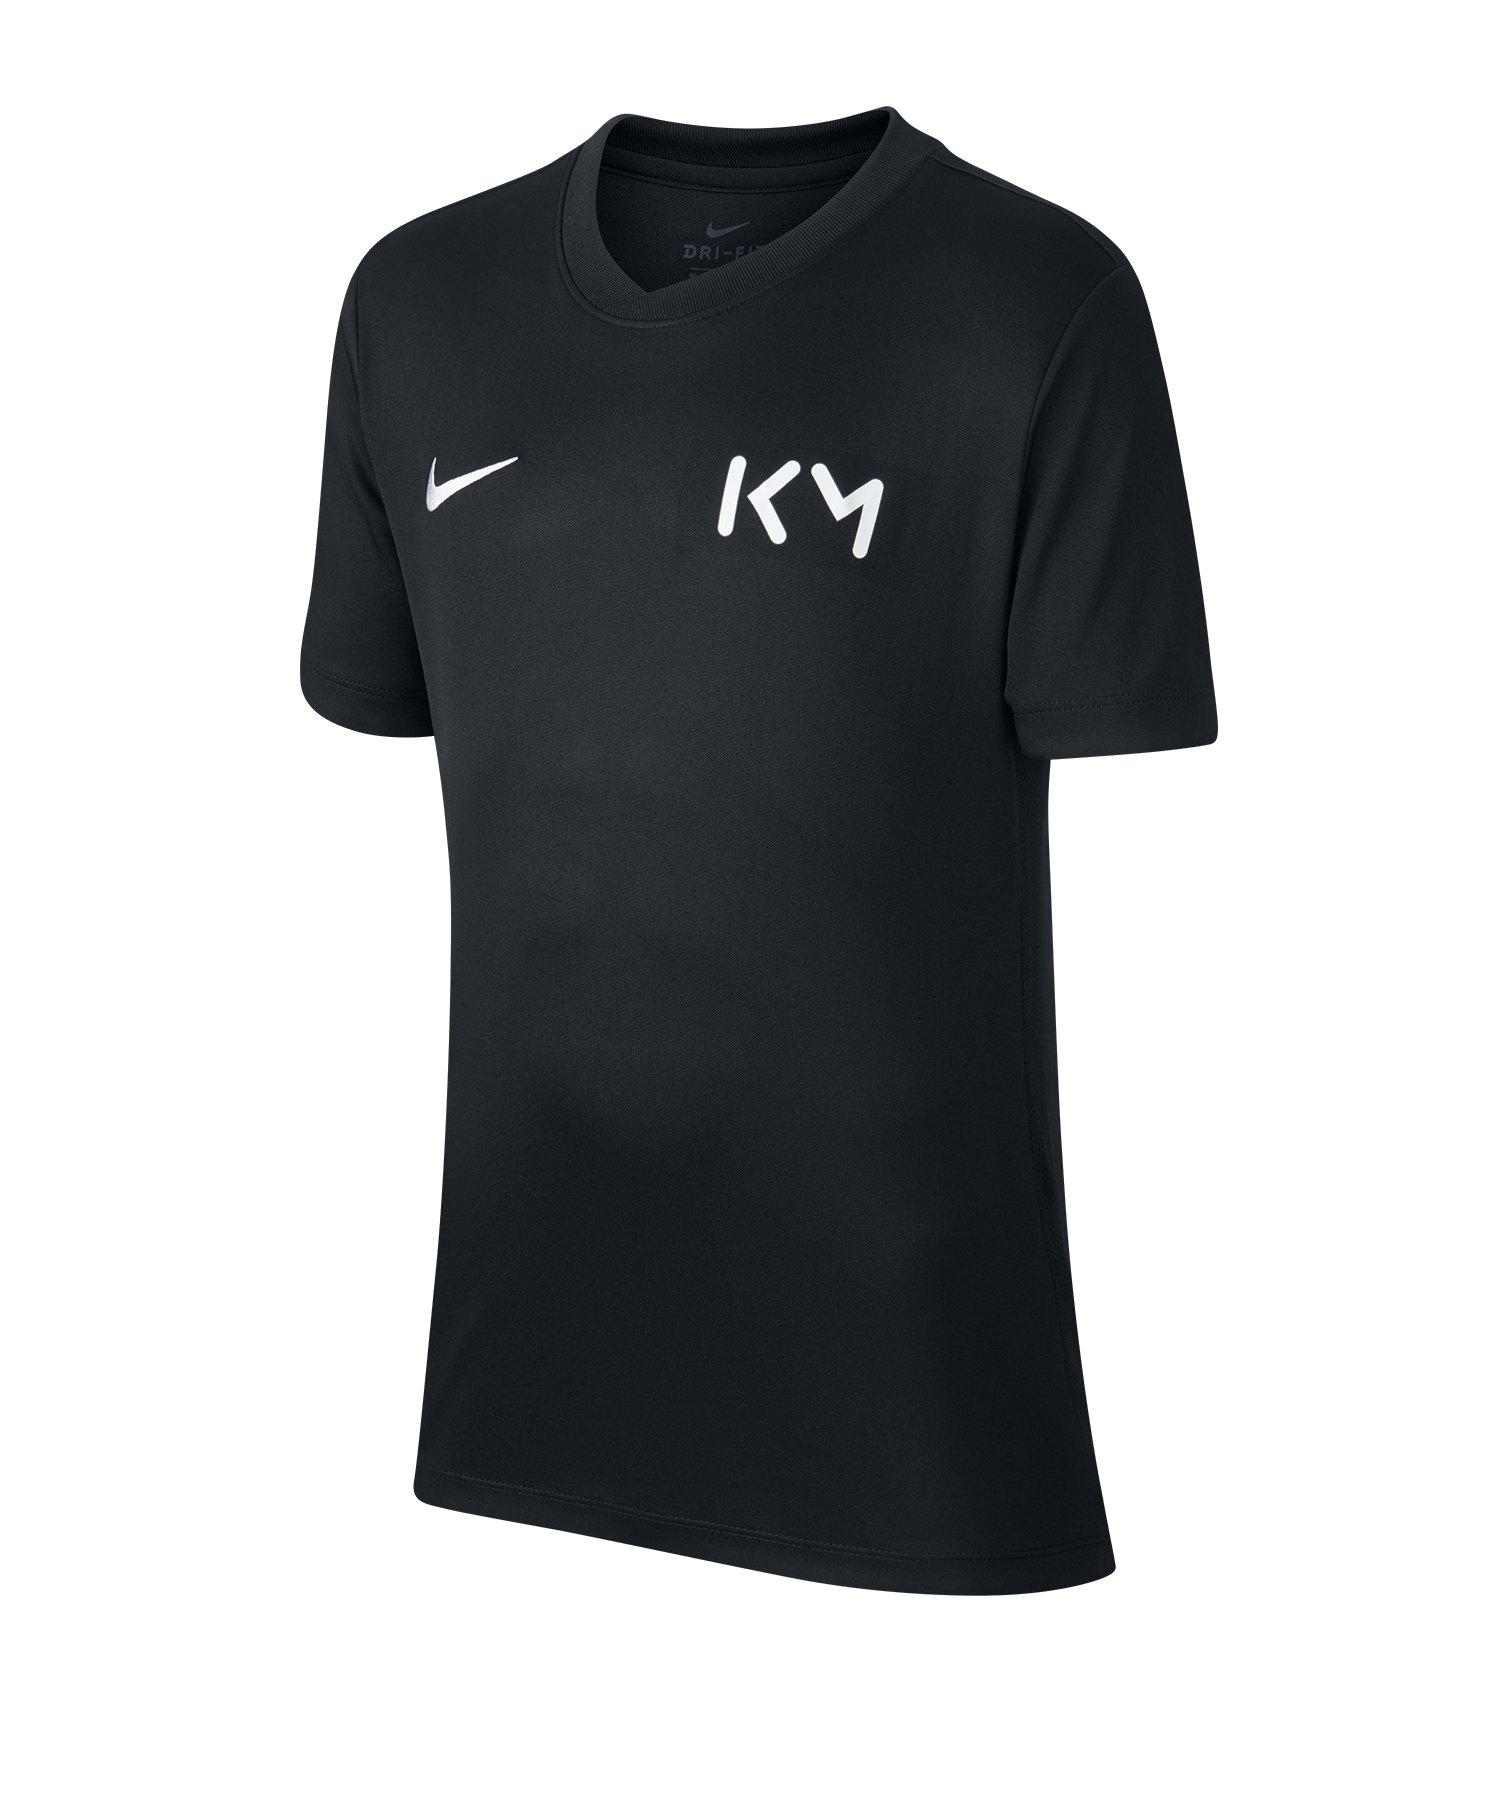 Nike Kylian Mbappe T-Shirt Kids Schwarz F010 - schwarz